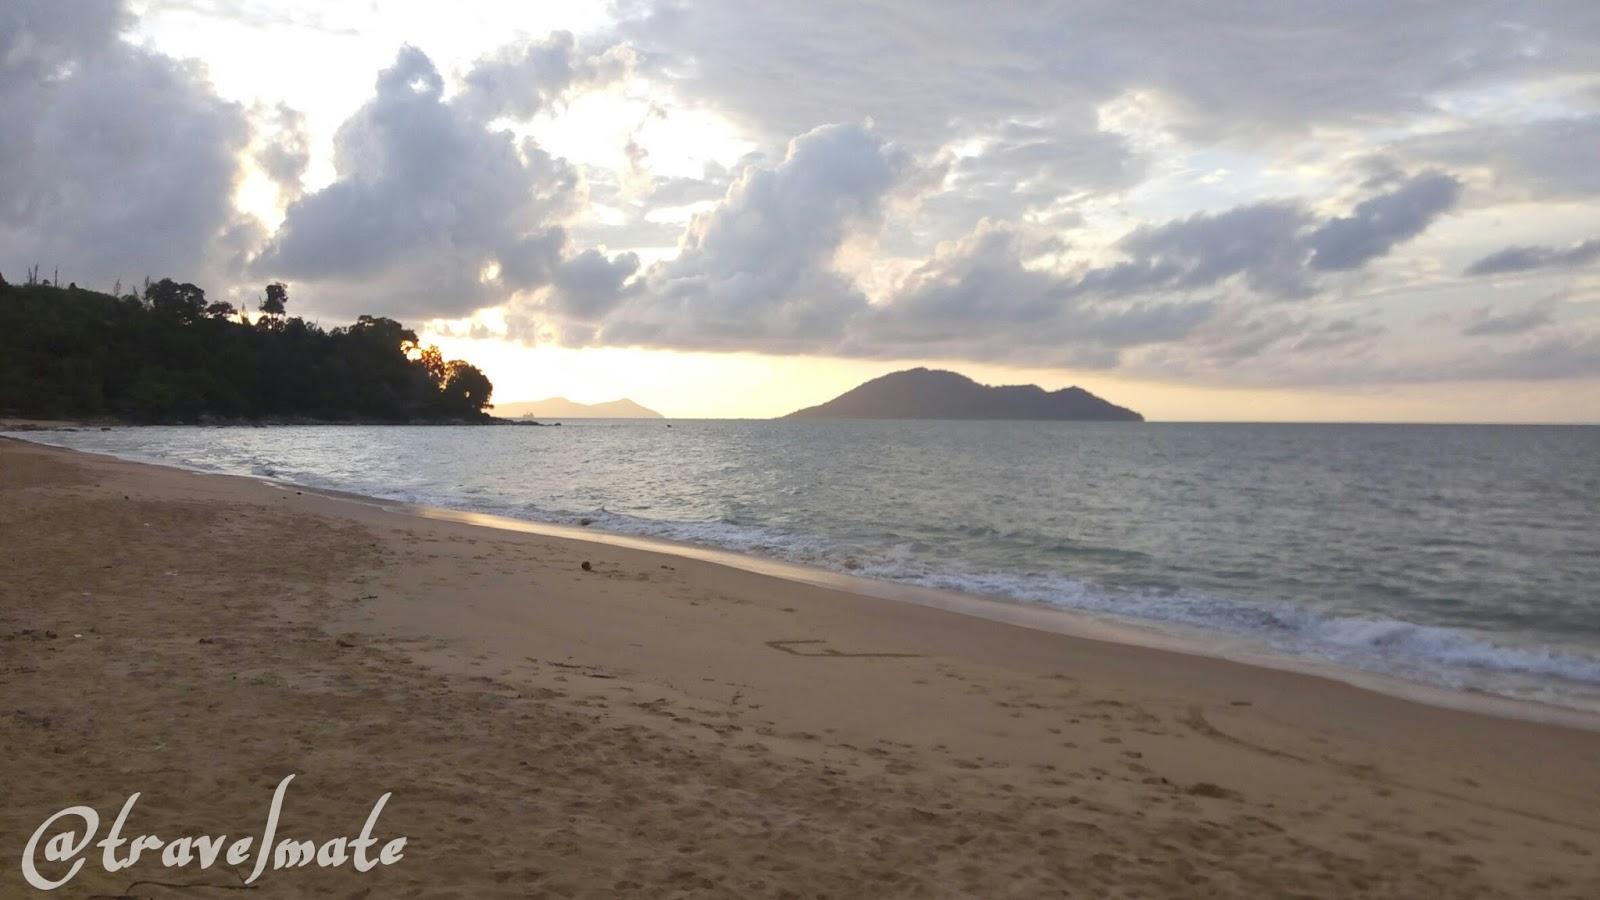 Indahnya Pantai Kura Sungai Raya Kepulauan Bengkayang Kota Singkawang